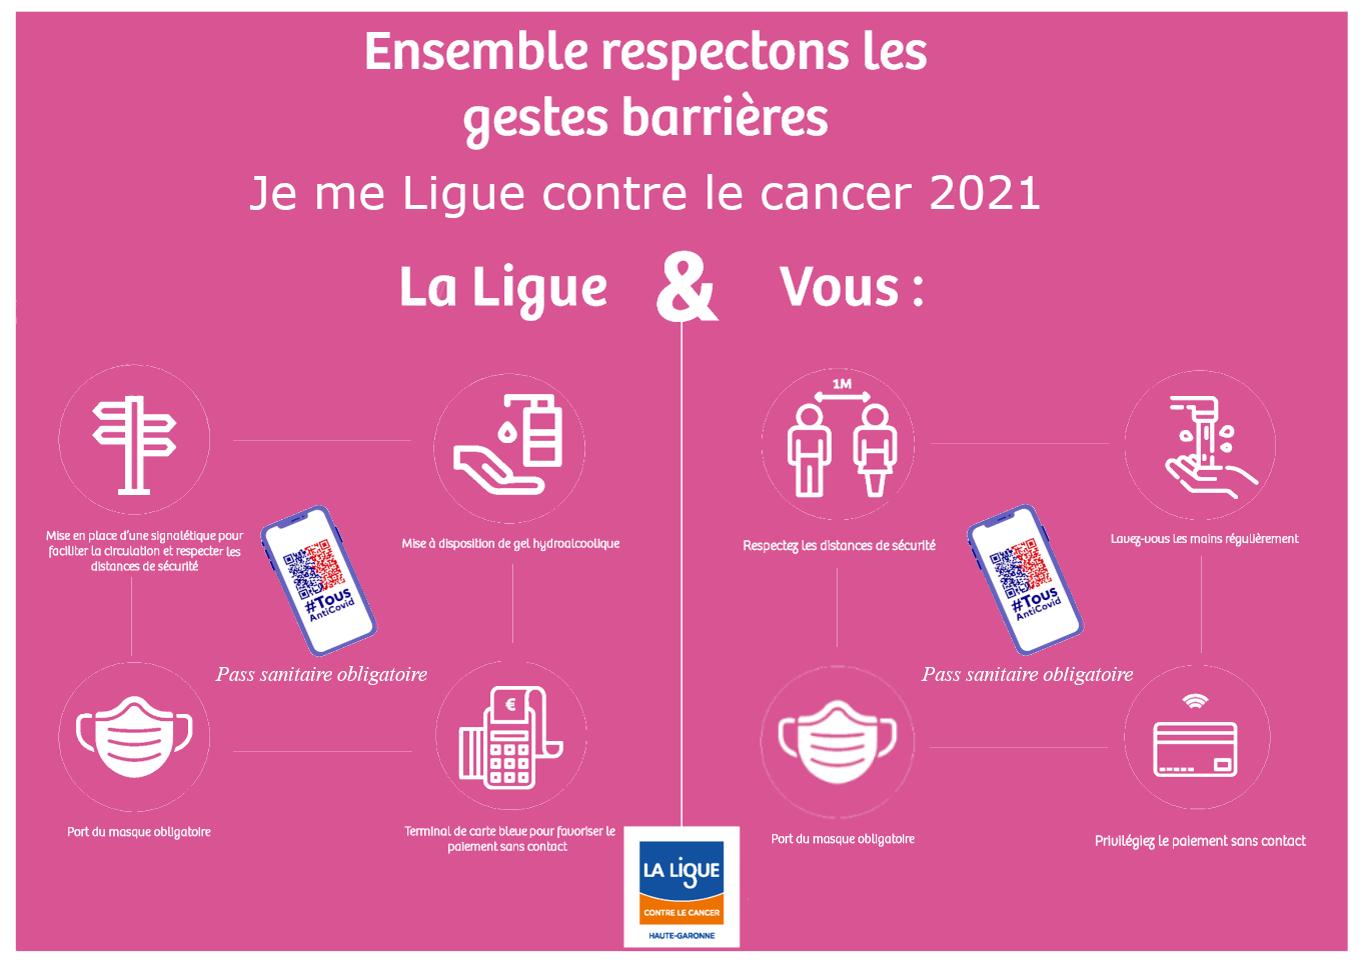 Infographie règles sanitaires JML_2021 - Ligue contre le cancer